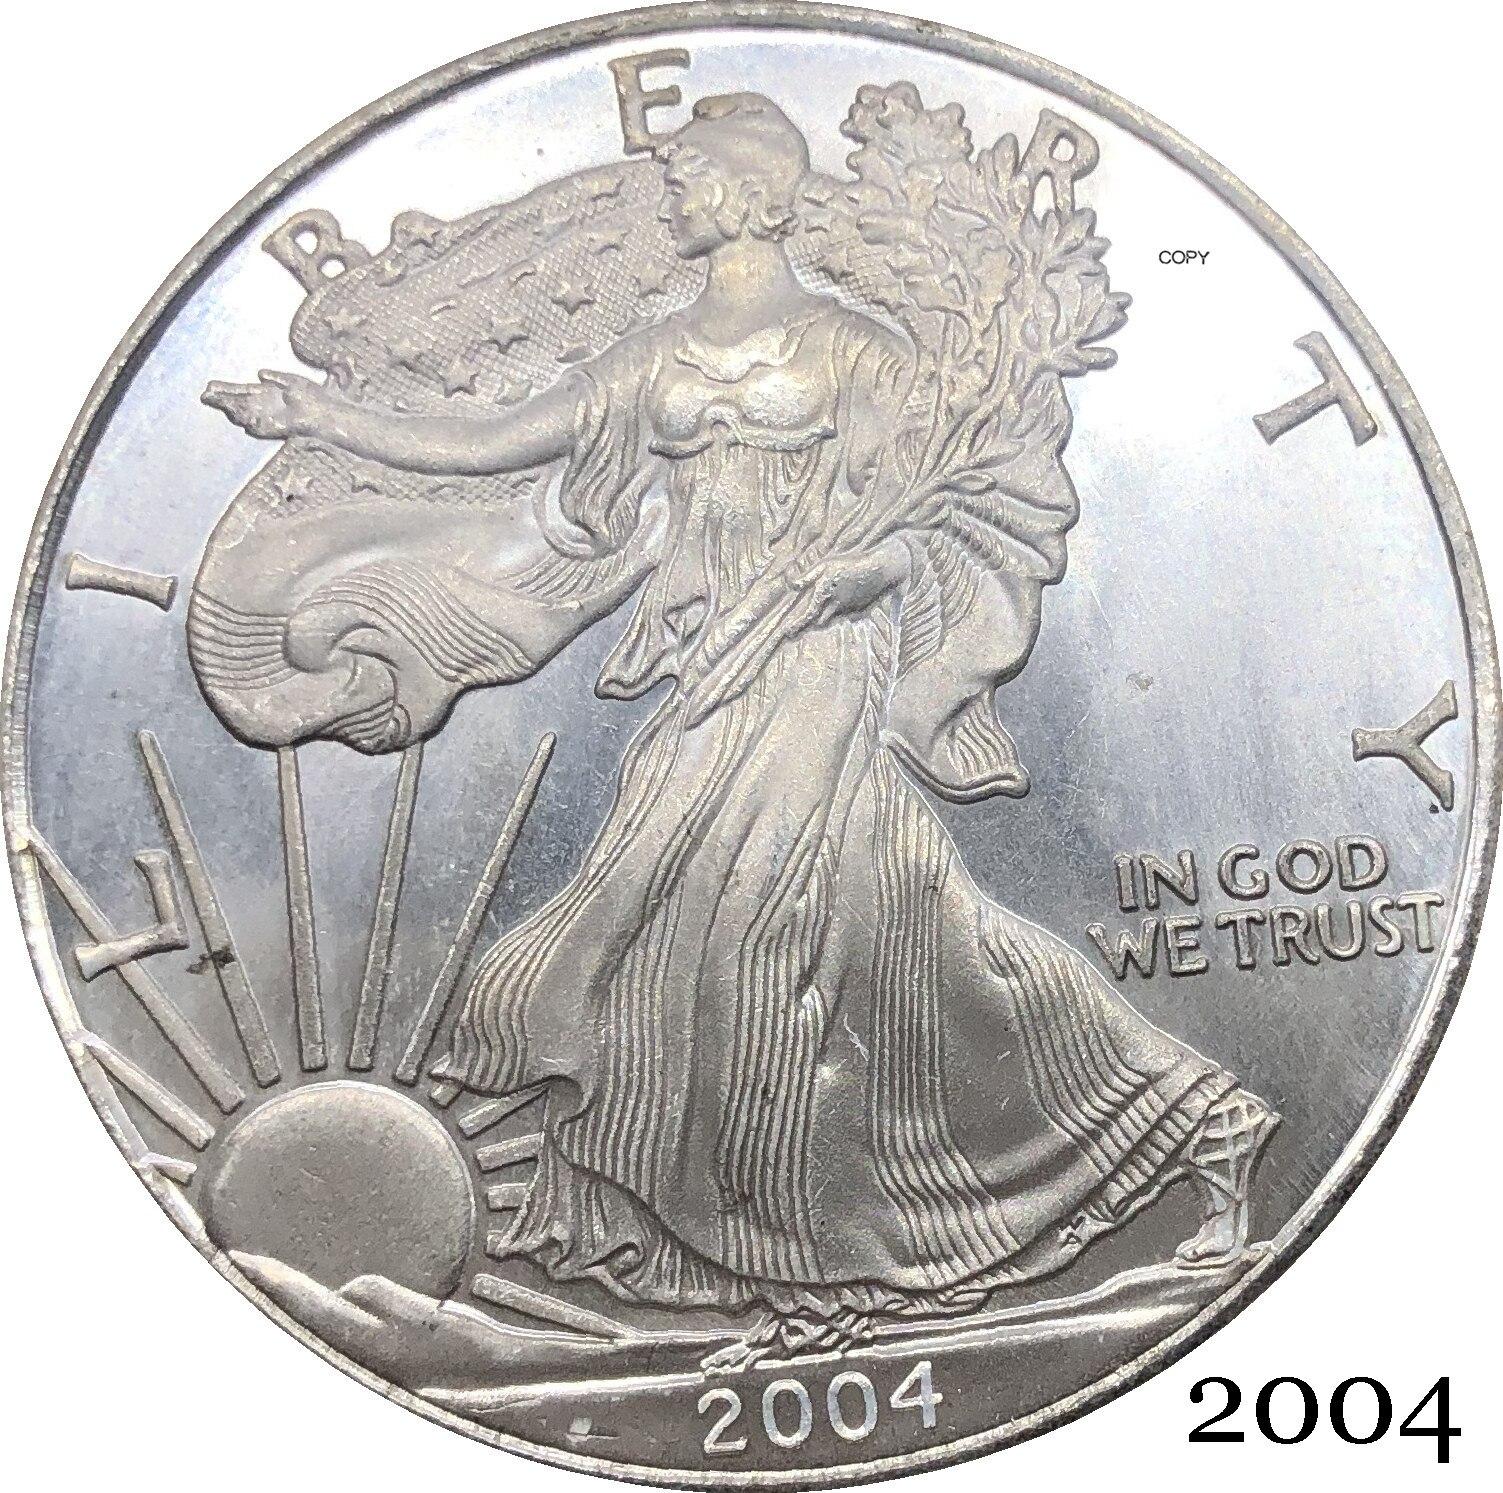 Соединенные Штаты Америки 2004 W In God We Trust 1 OZ Изящные серебряные слитки орлы один доллар Посеребренная копия памятная монета